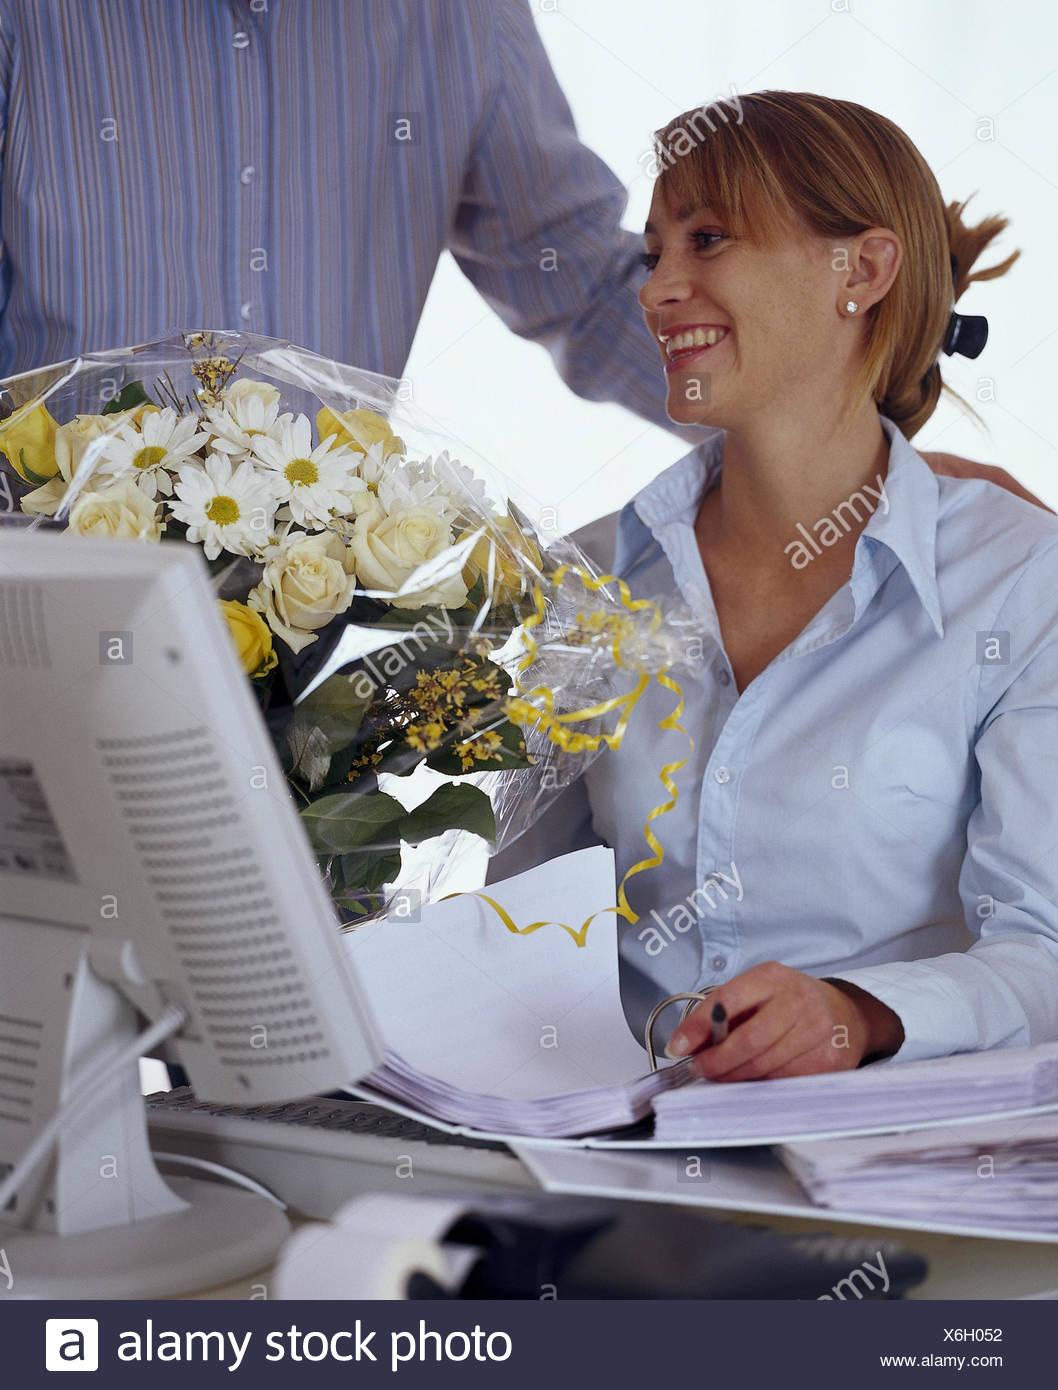 Oficina Hombre Mujer Un Ramo De Flores Una Superabundancia De